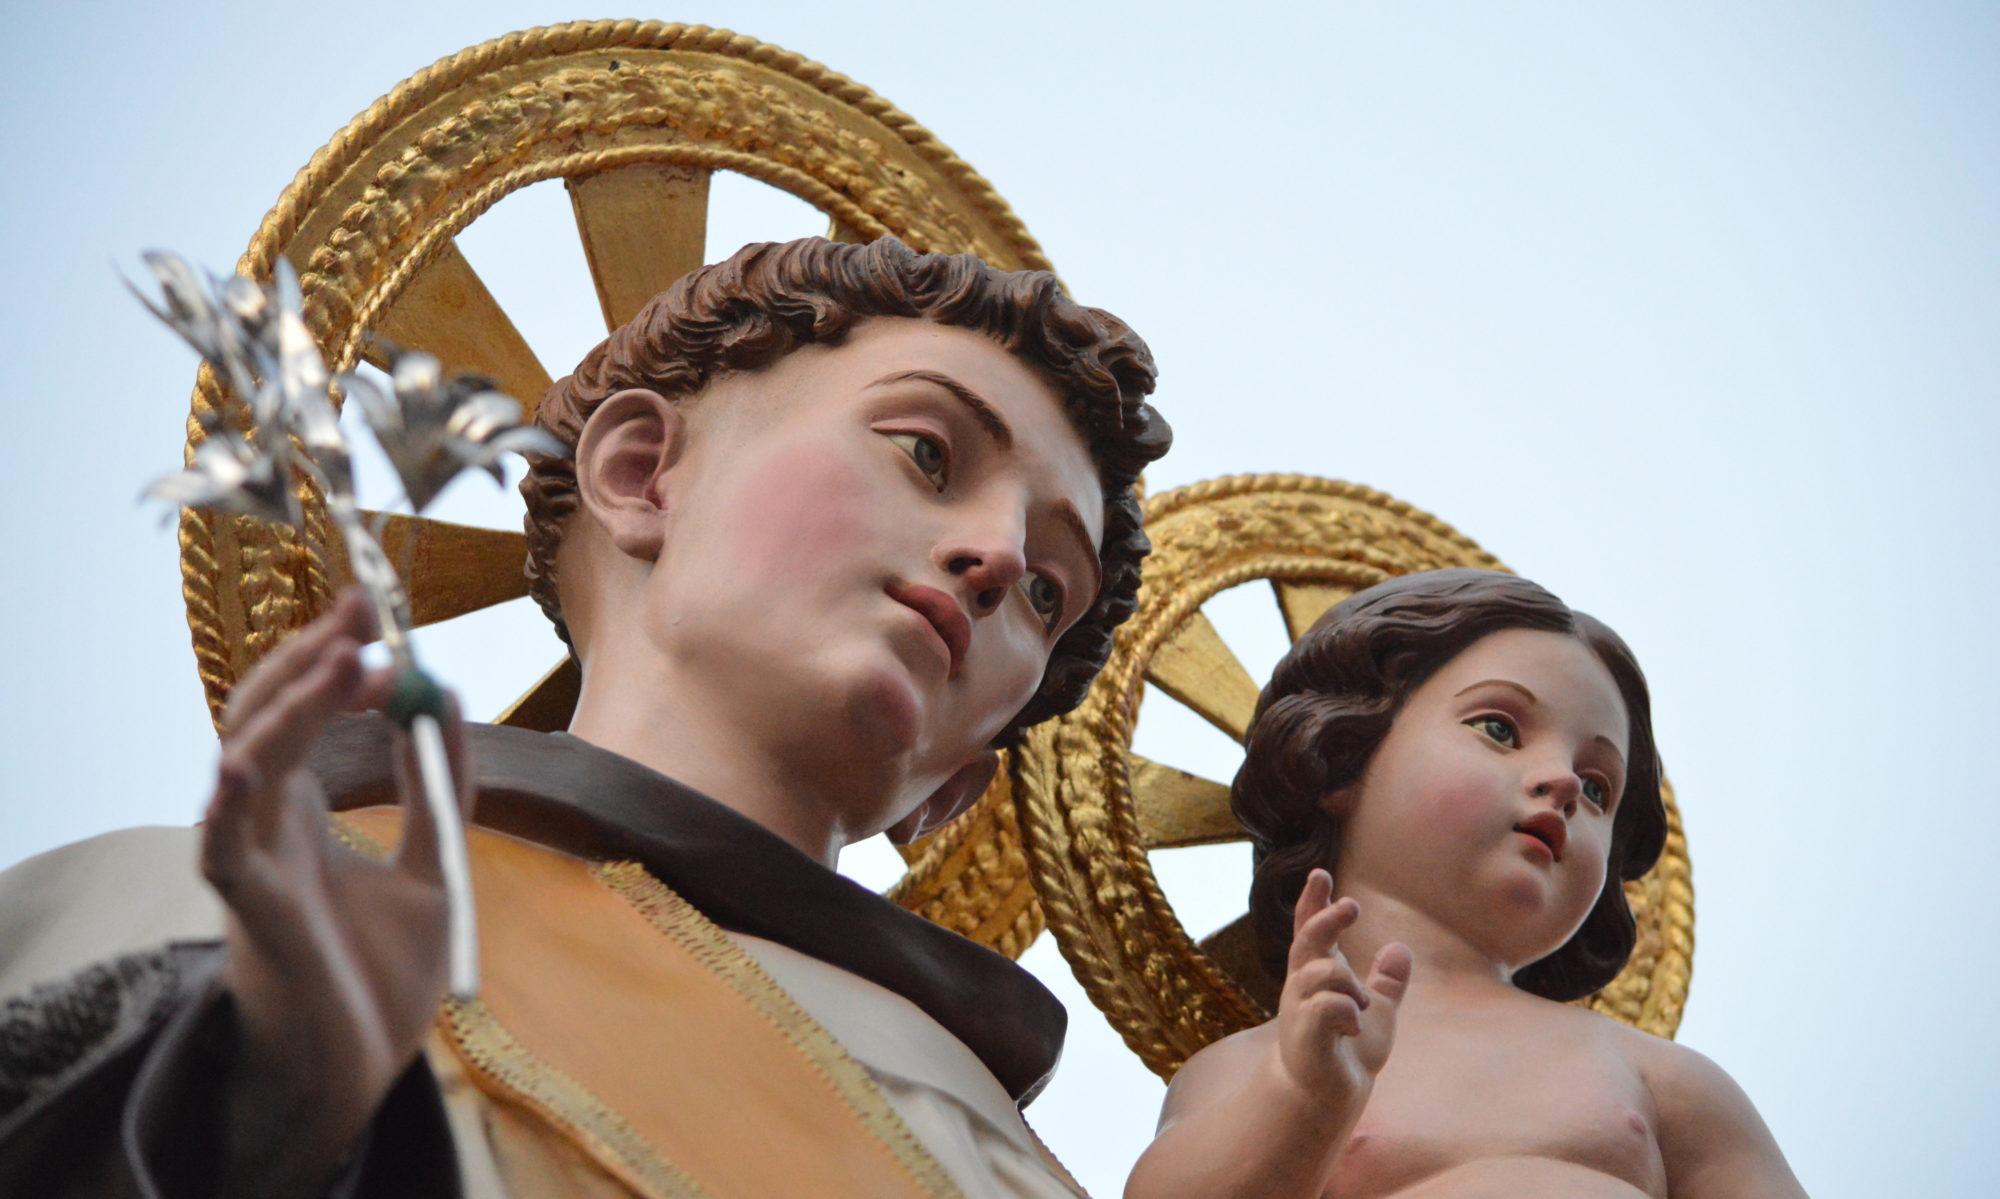 Parrocchia Sant'Antonio di Padova • Campobasso